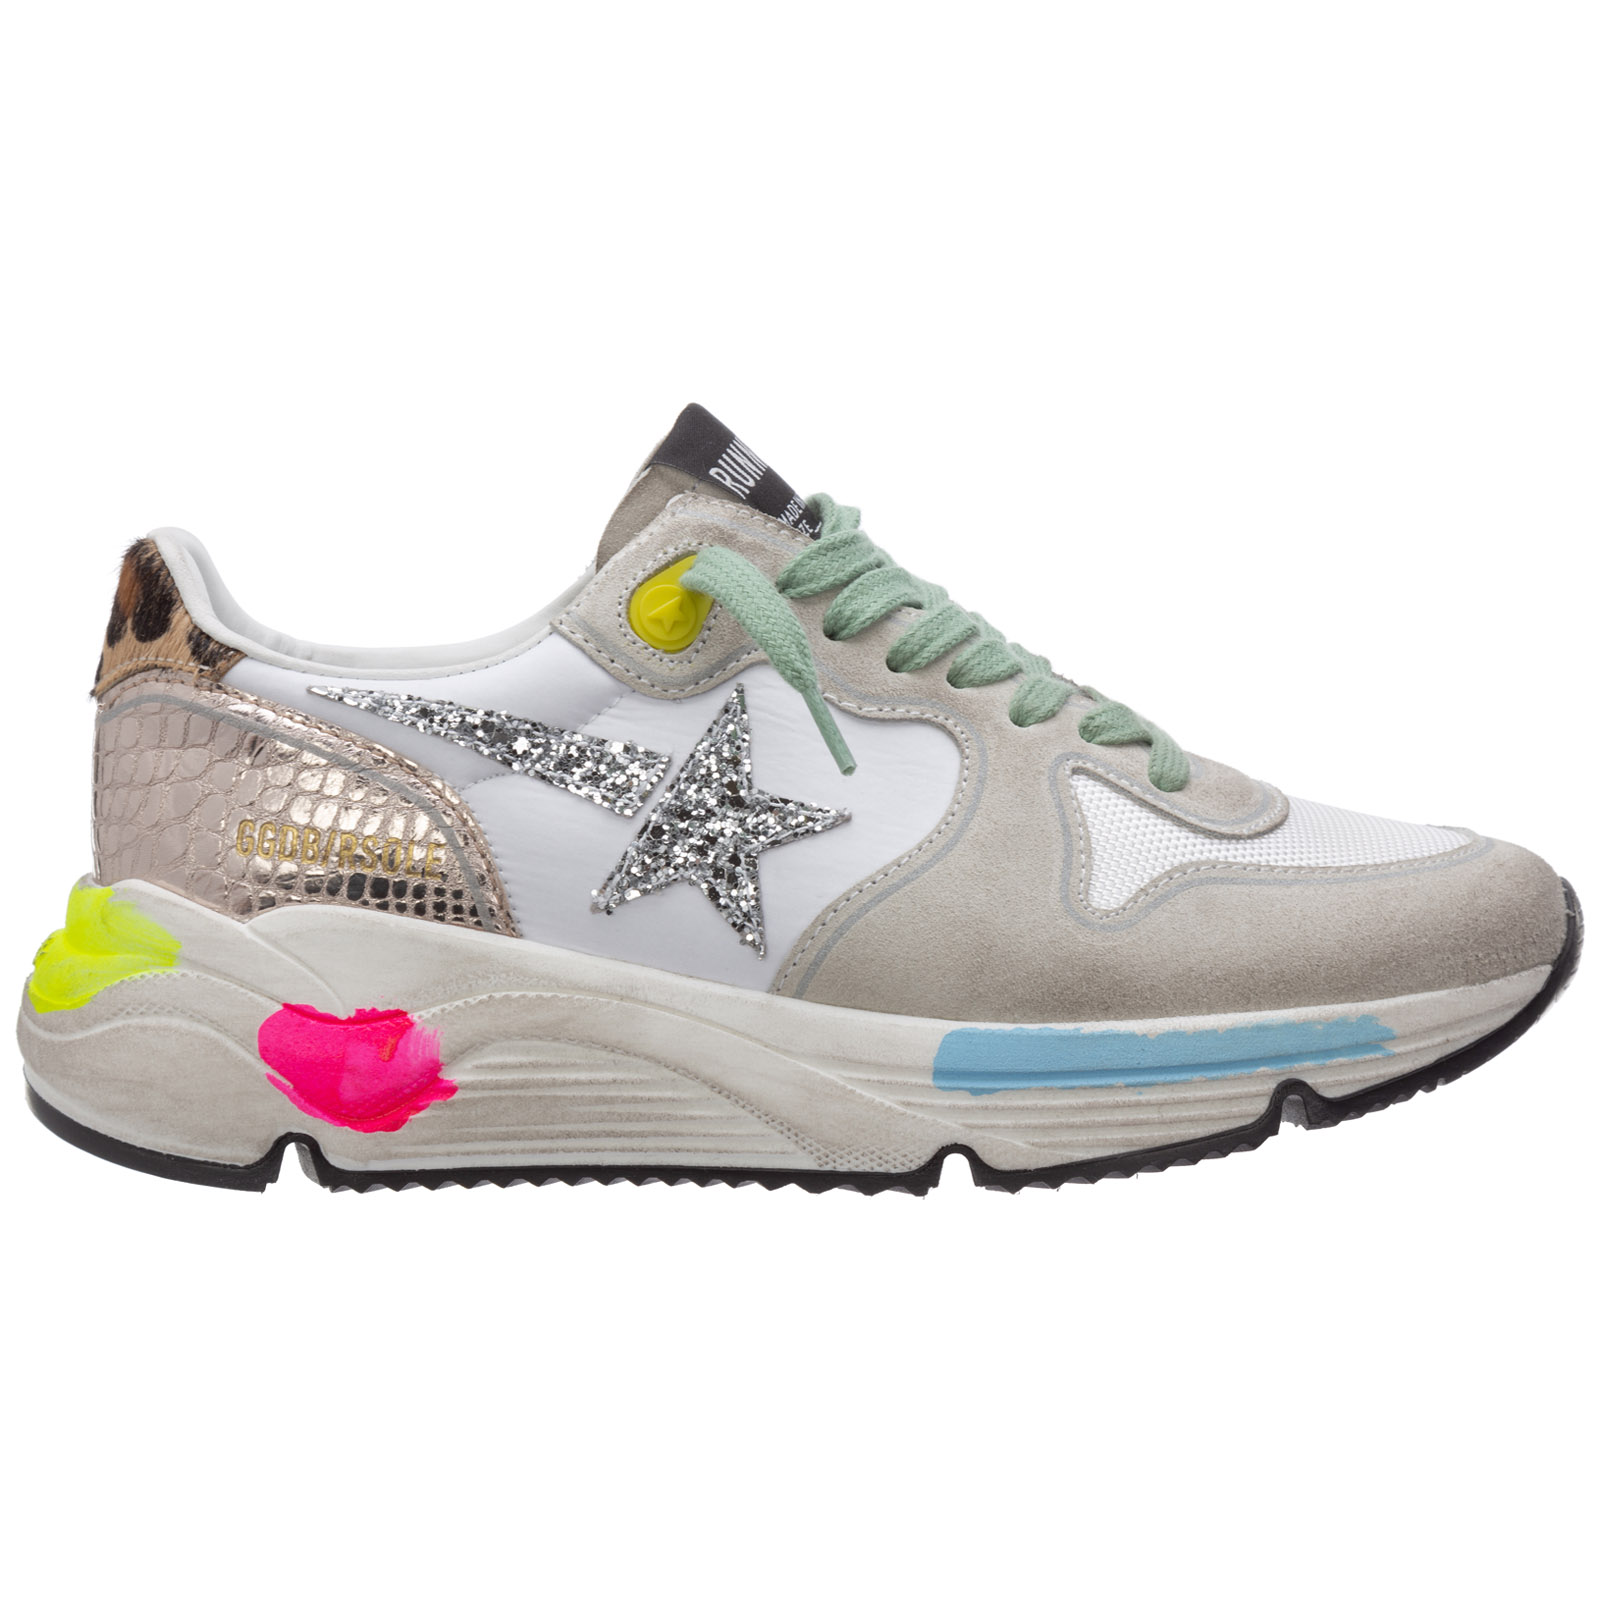 Sneakers Golden Goose running sole